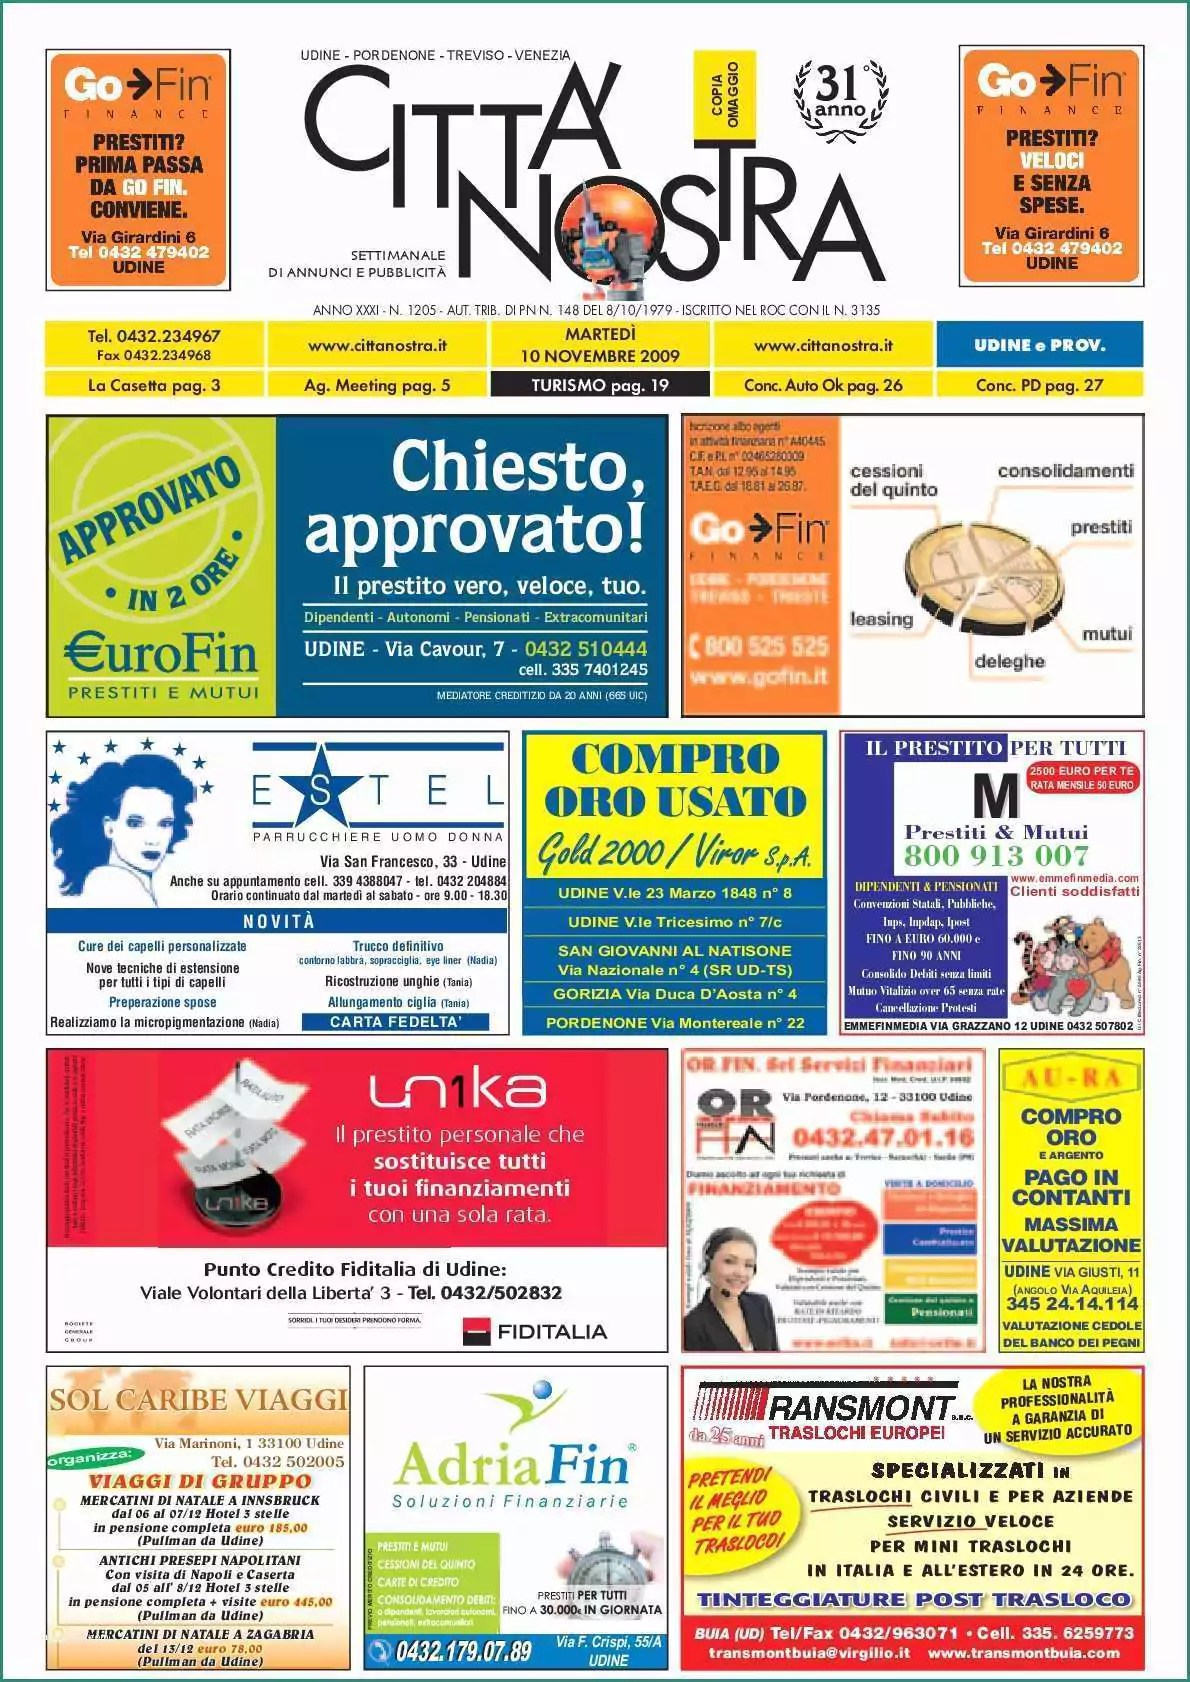 Bruno Piombini Outlet E Fiera Del Mobile Di Riardo Prezzi Excellent with Fiera Del Mobile